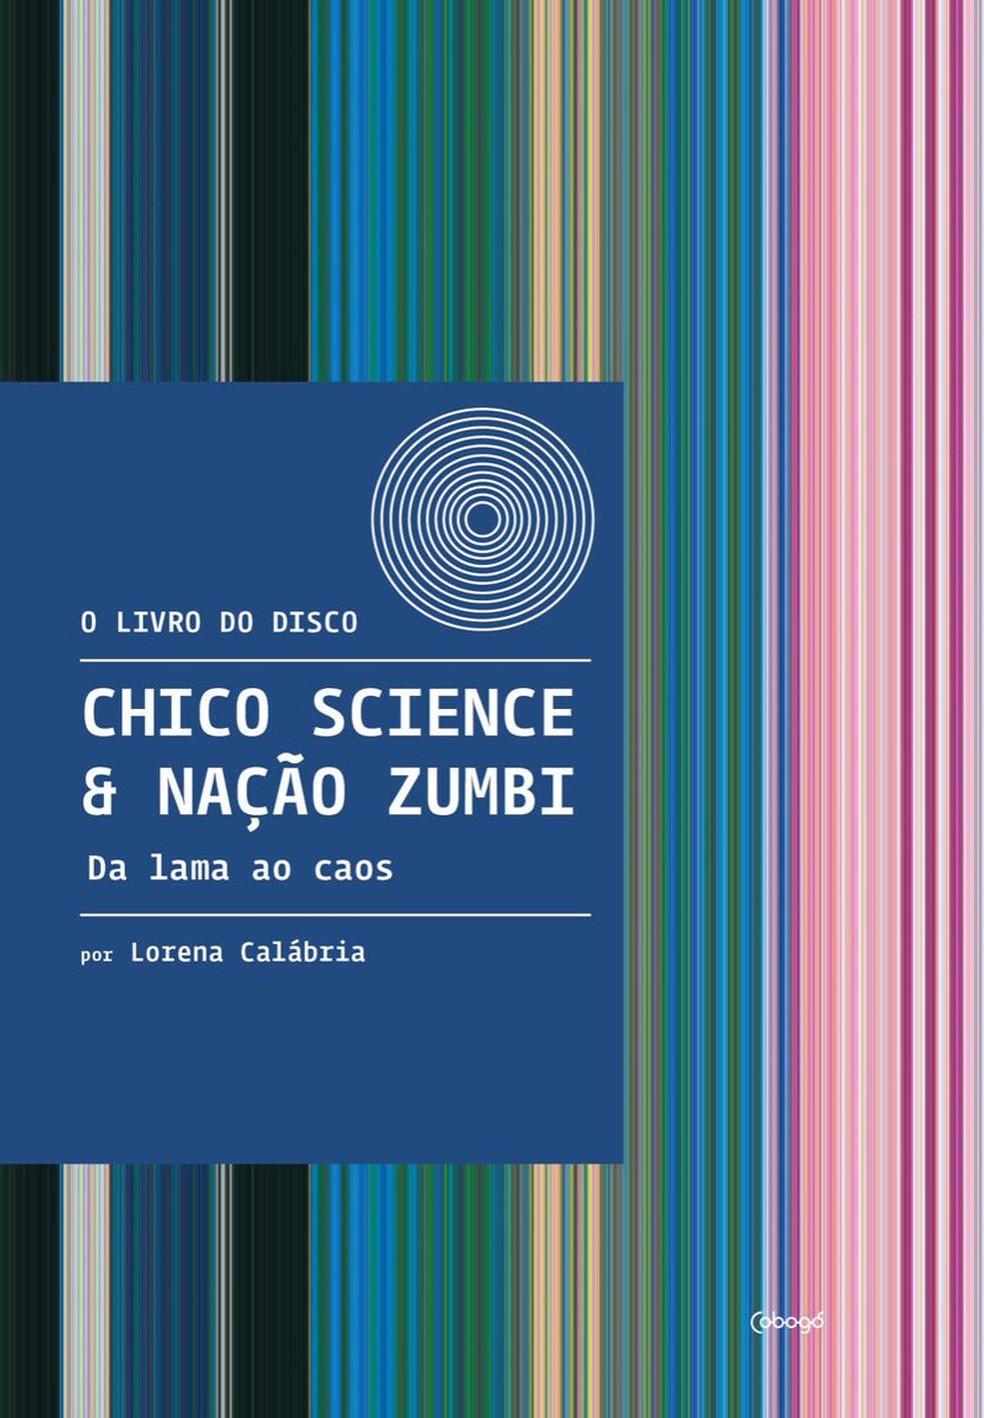 Capa do livro sobre o disco 'Da lama ao caos' — Foto: Divulgação